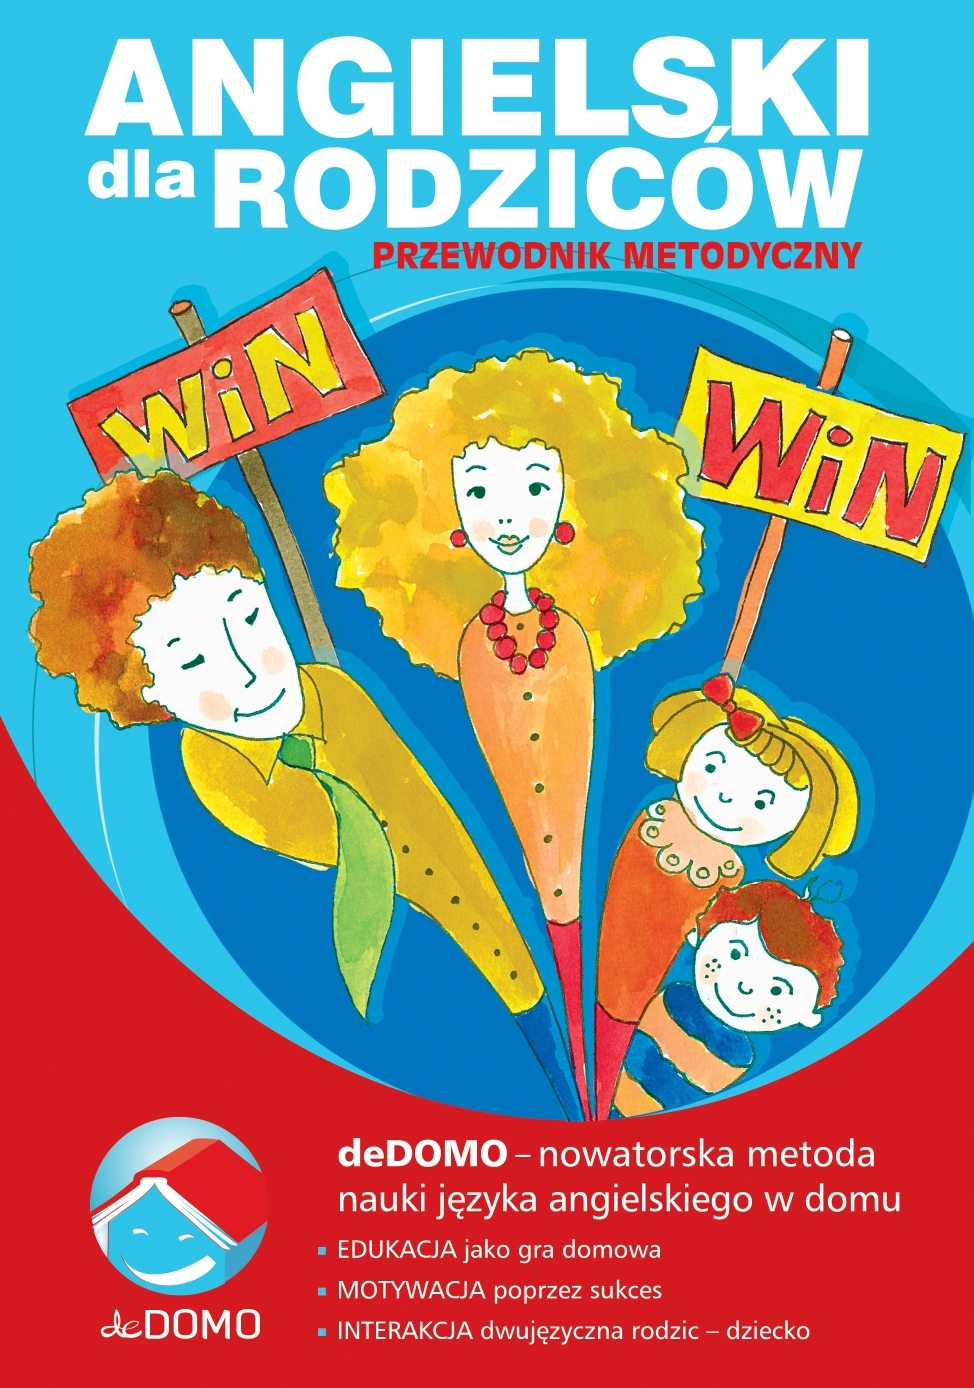 Angielski dla rodziców. Przewodnik metodyczny deDOMO ebook